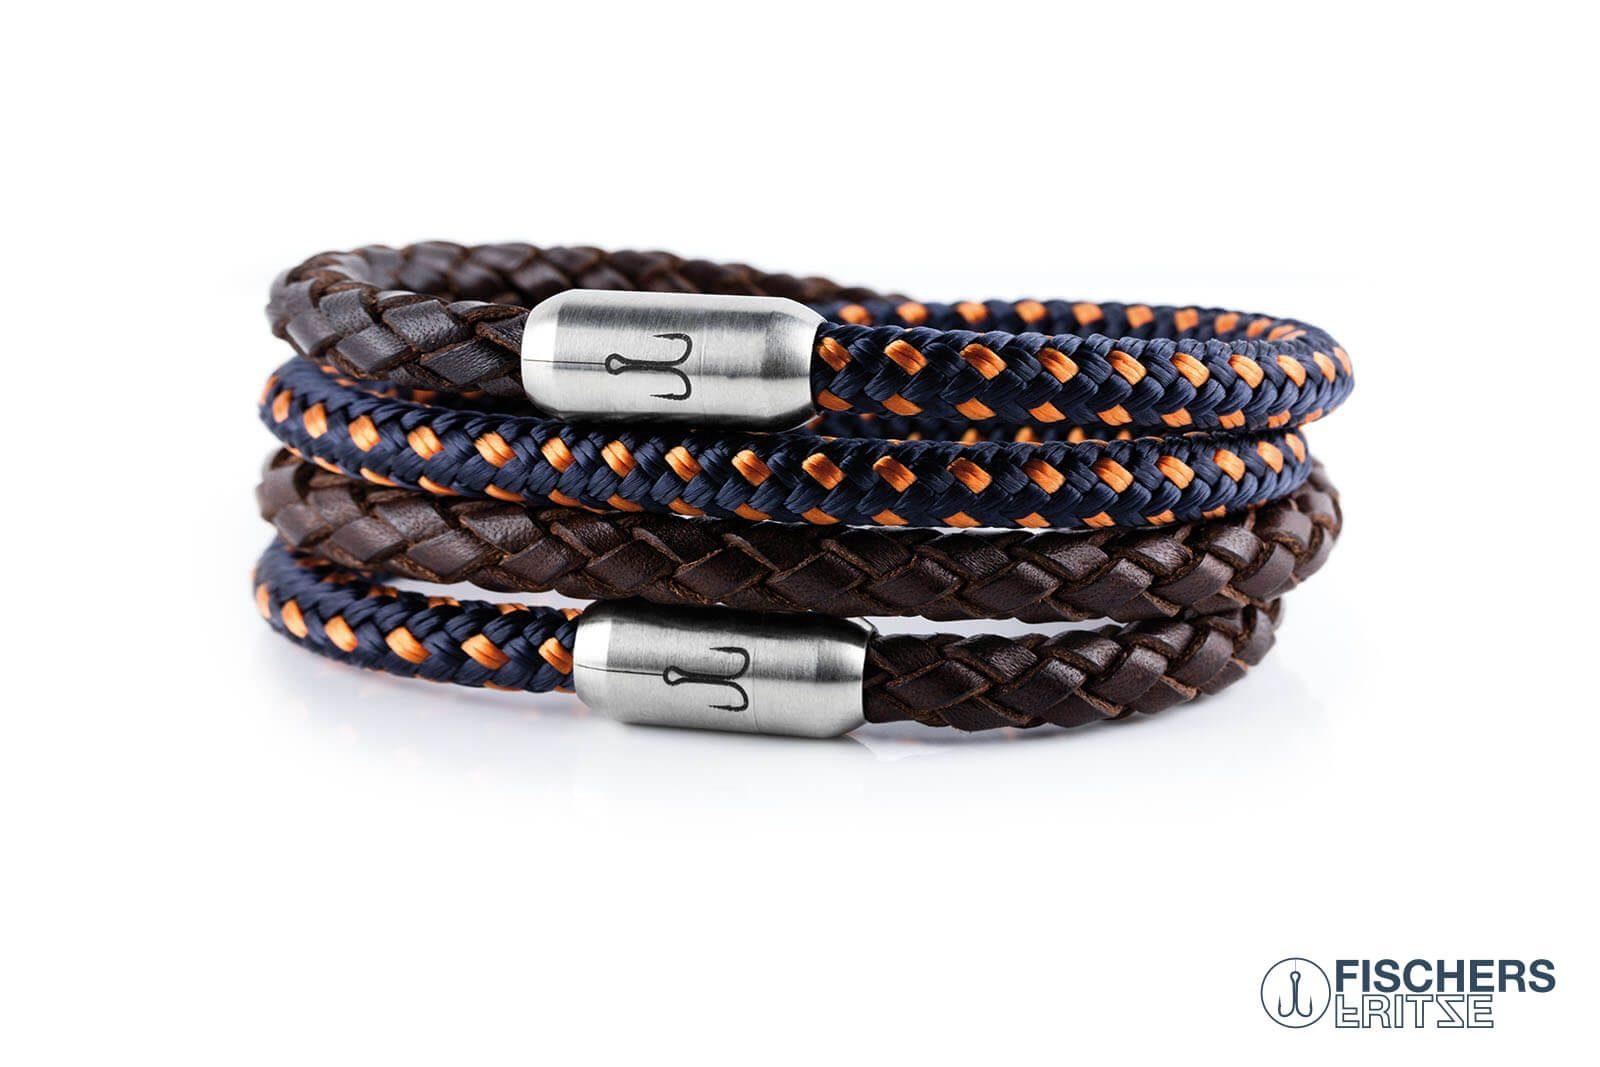 Armband Fischers Fritze Garnele Kombination Segeltau Edelstahl marineblau orange Leder braun geflochten